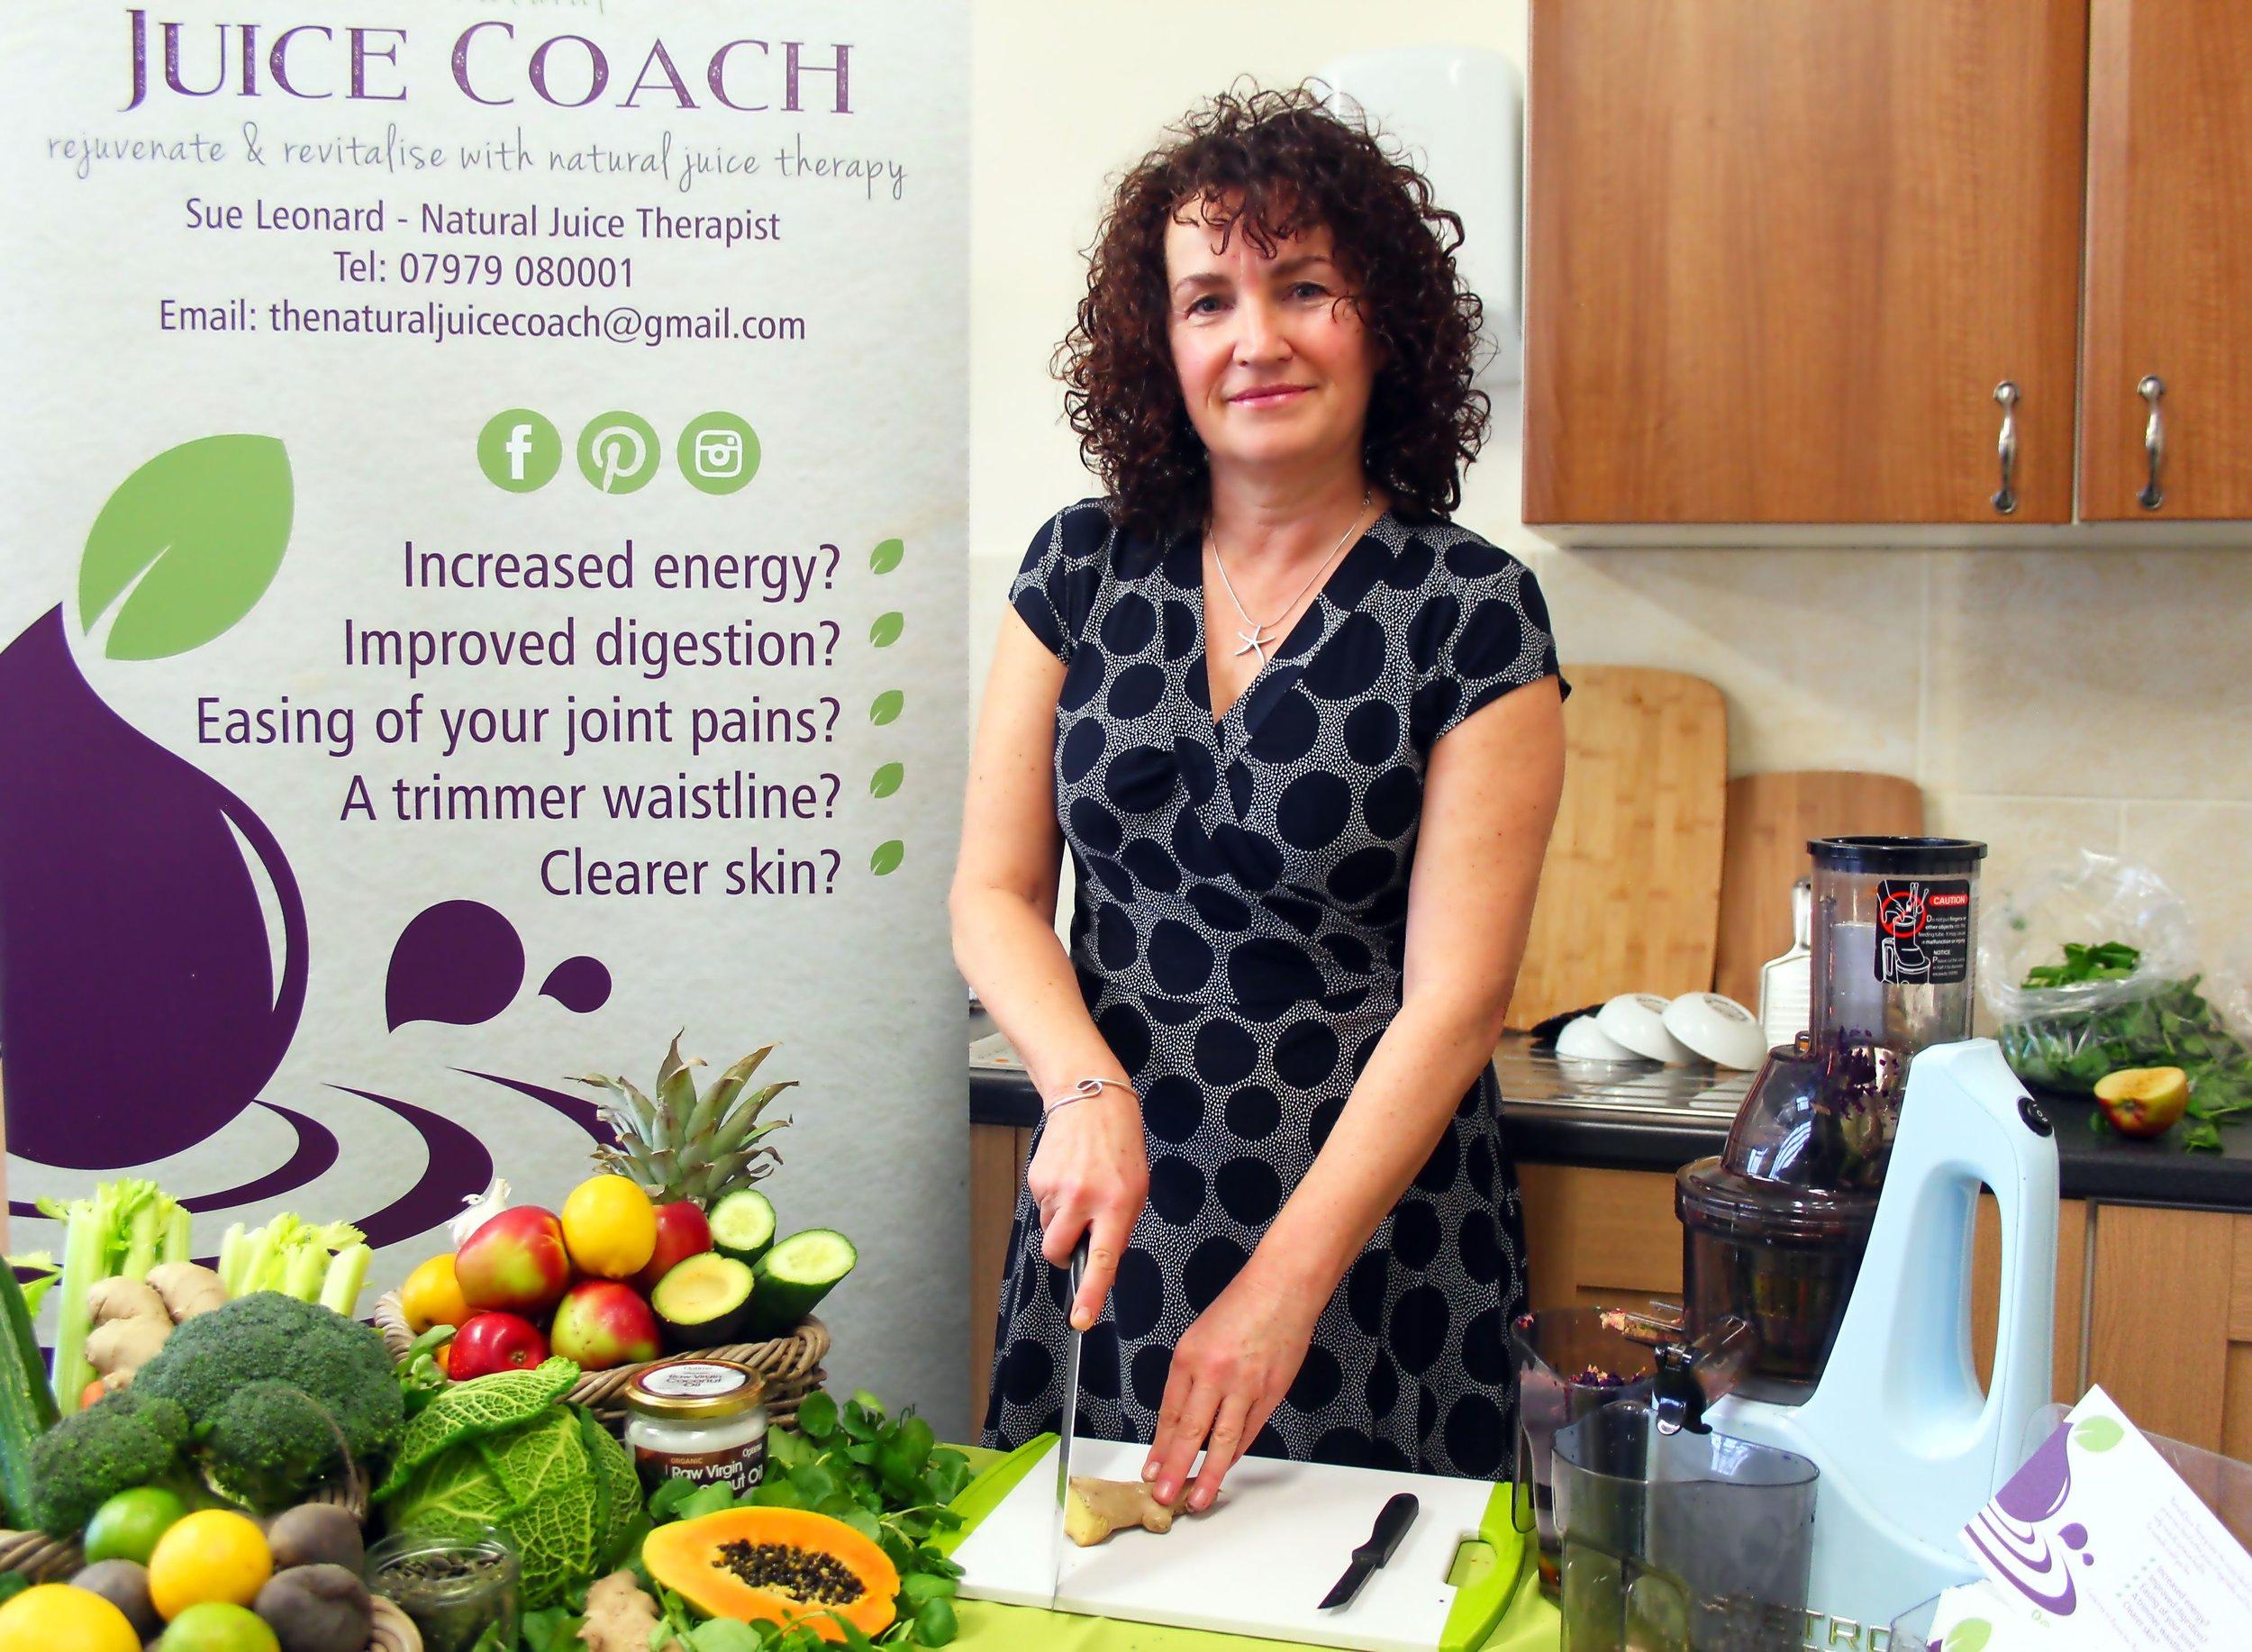 Sue Leonard - The Juice Coach